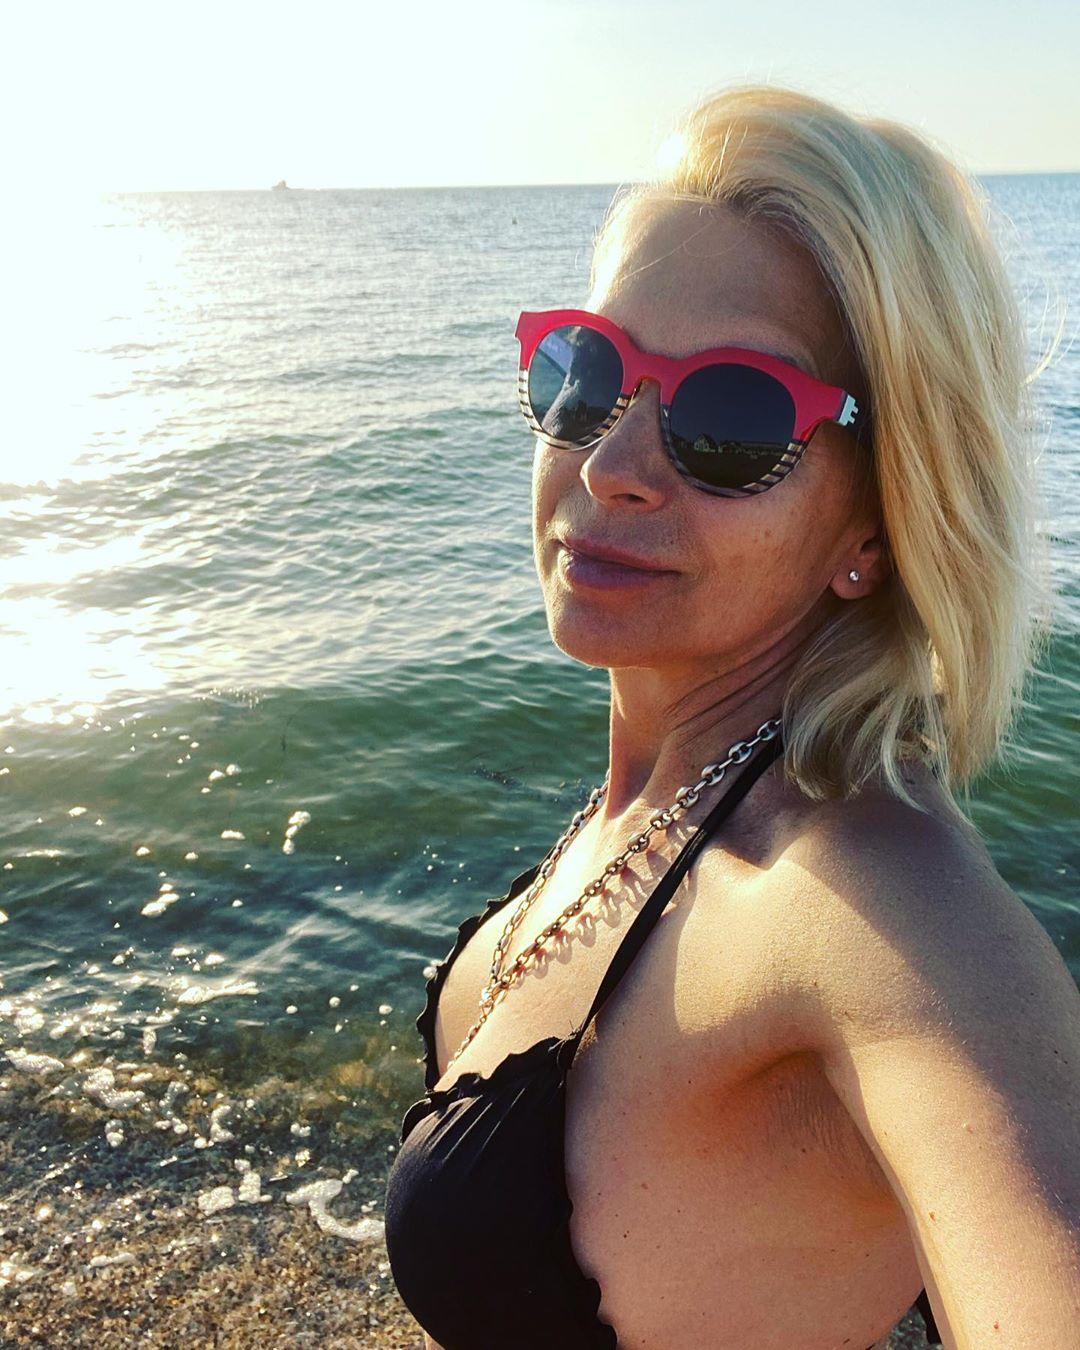 Крымское море Алена Свиридова ценит высоко. Фото: alenasviridova/Instagram